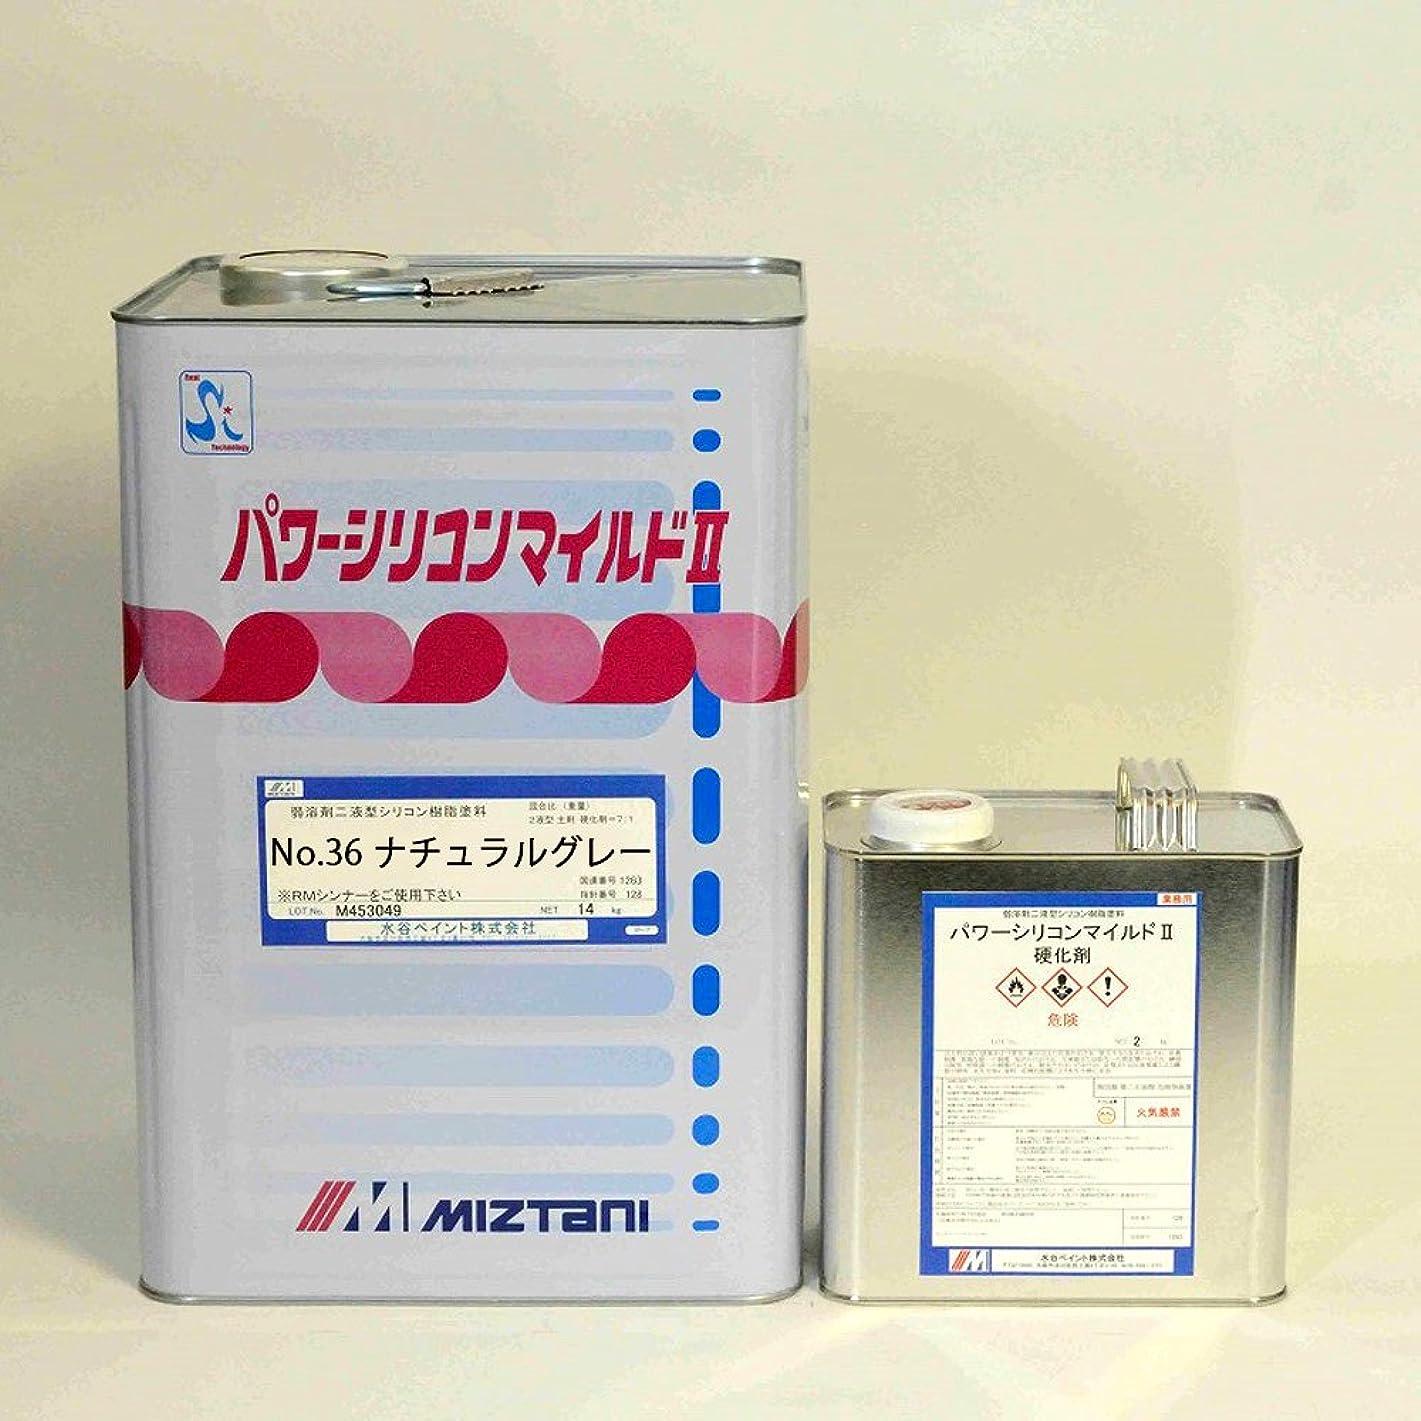 天才パーセント欠かせないパワーシリコンマイルド2 MS-36(ナチュラルグレー) 16Kg/セット